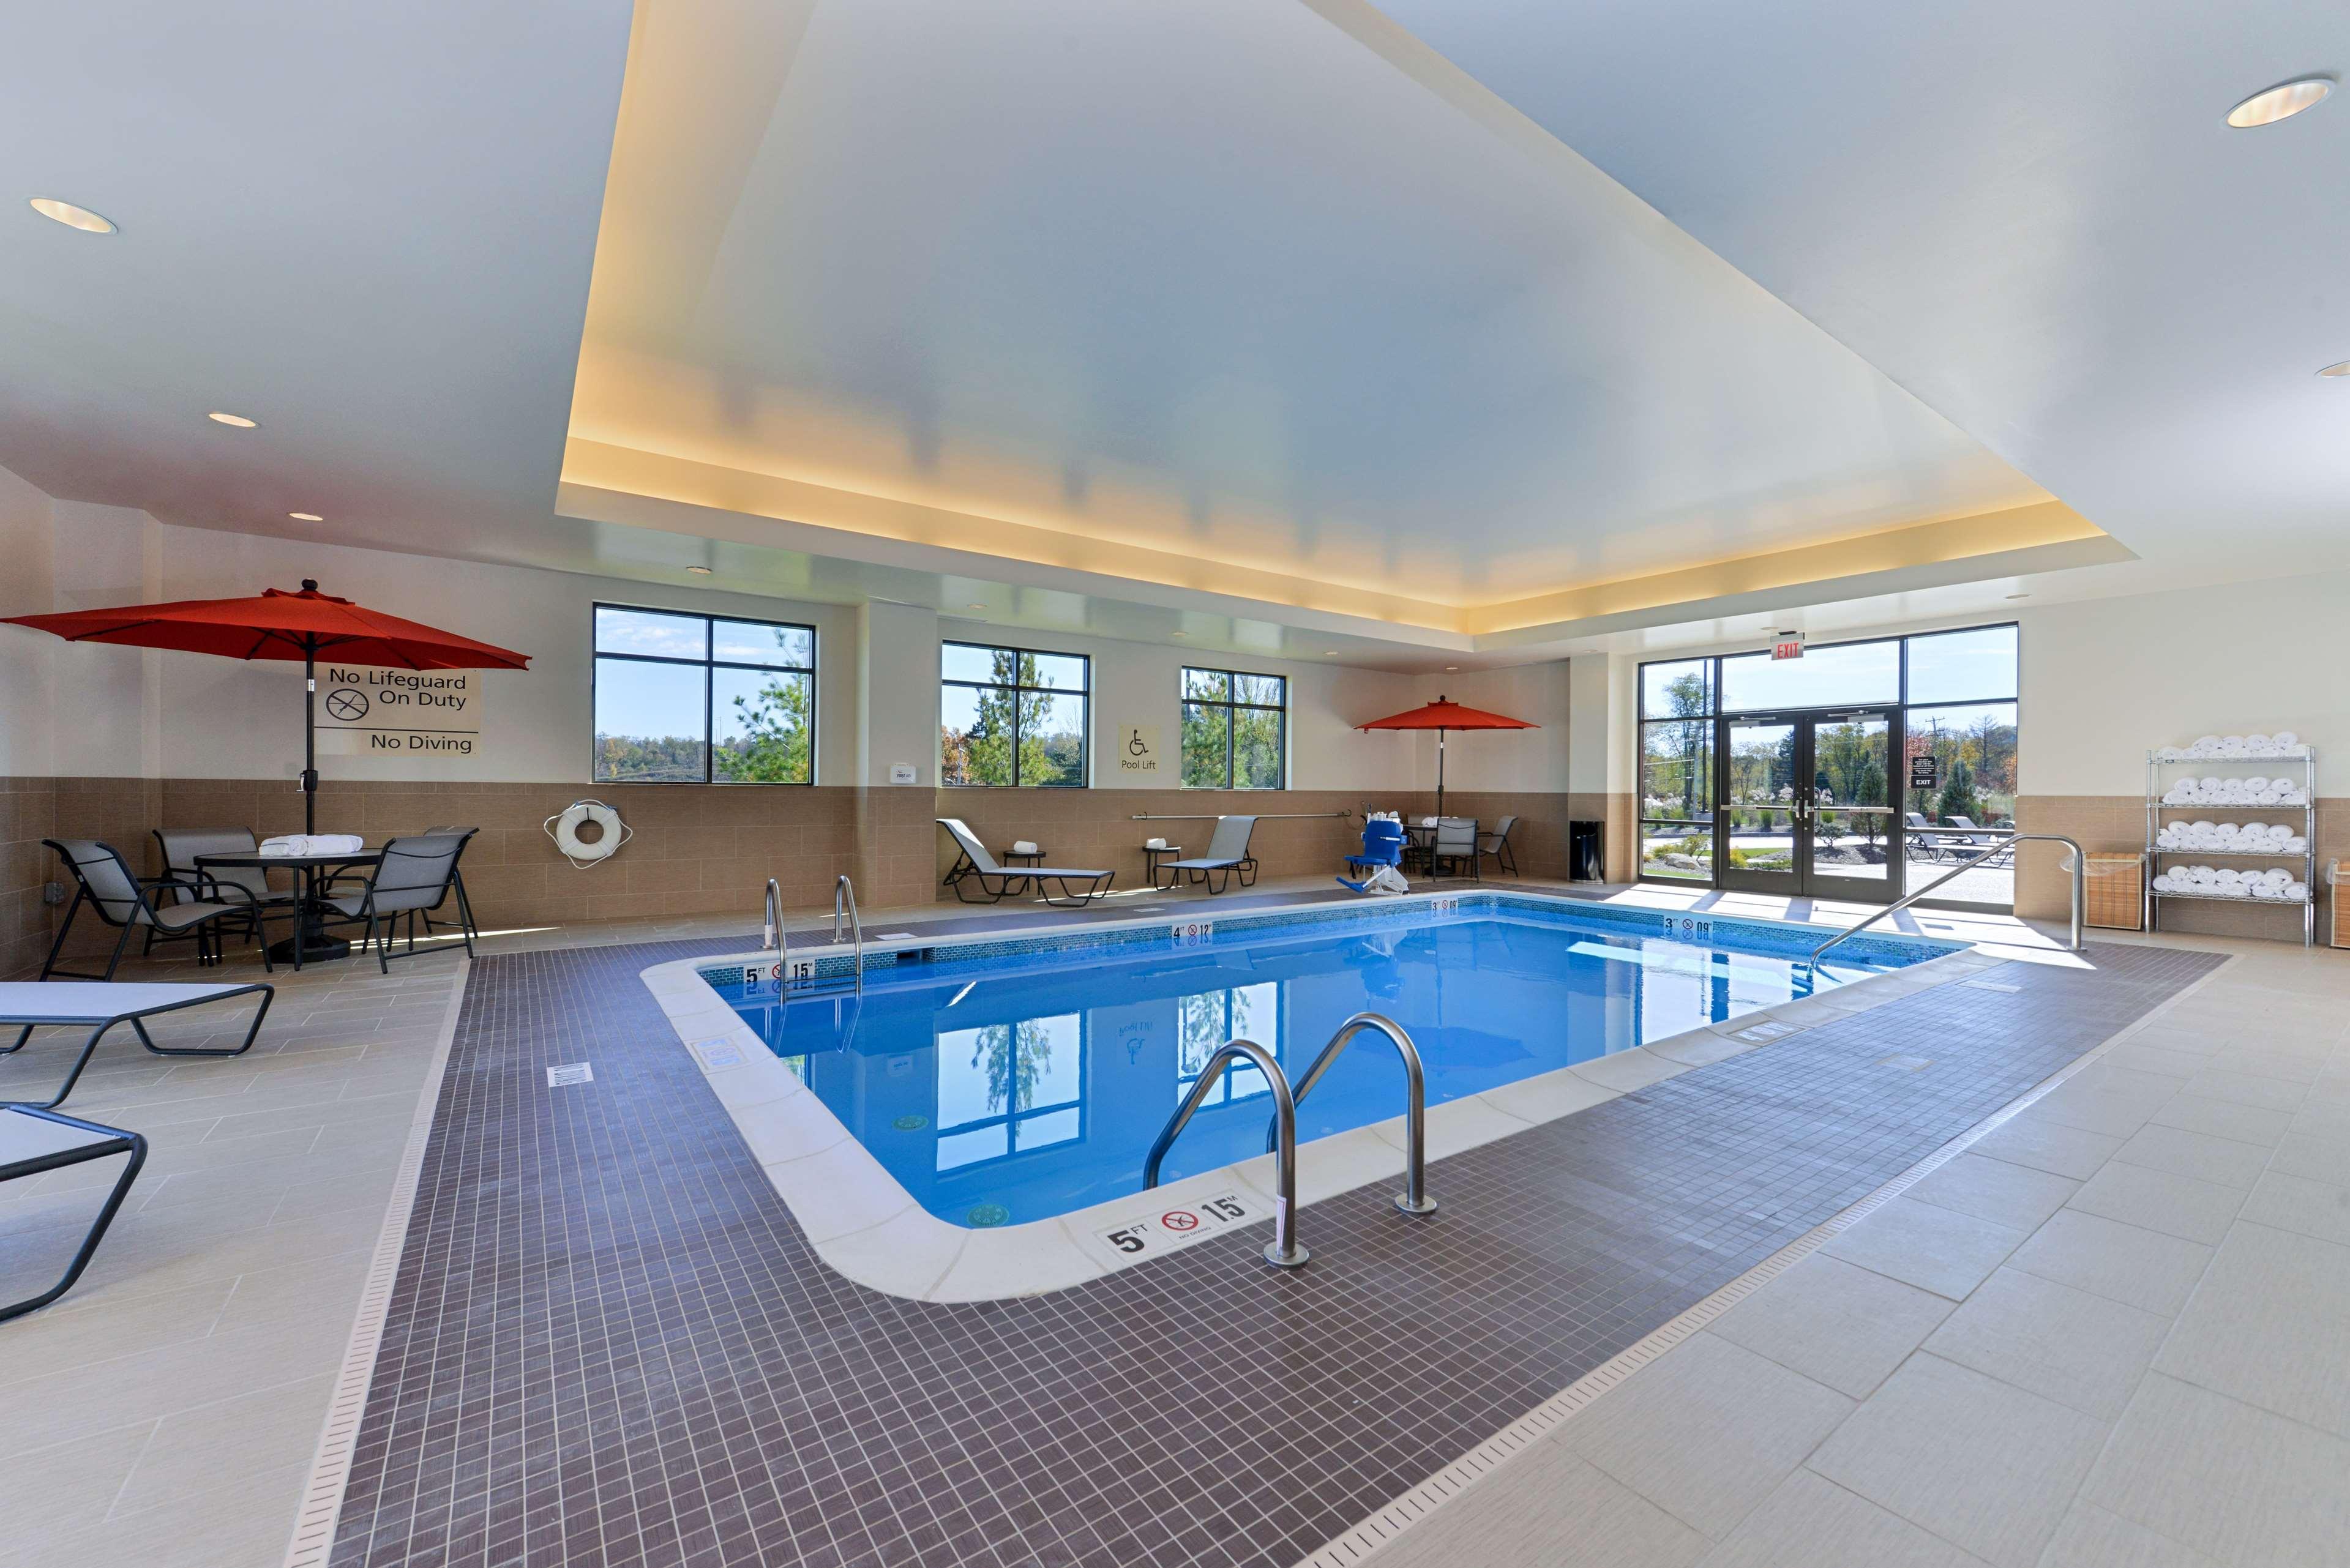 Hampton Inn & Suites California University-Pittsburgh image 5